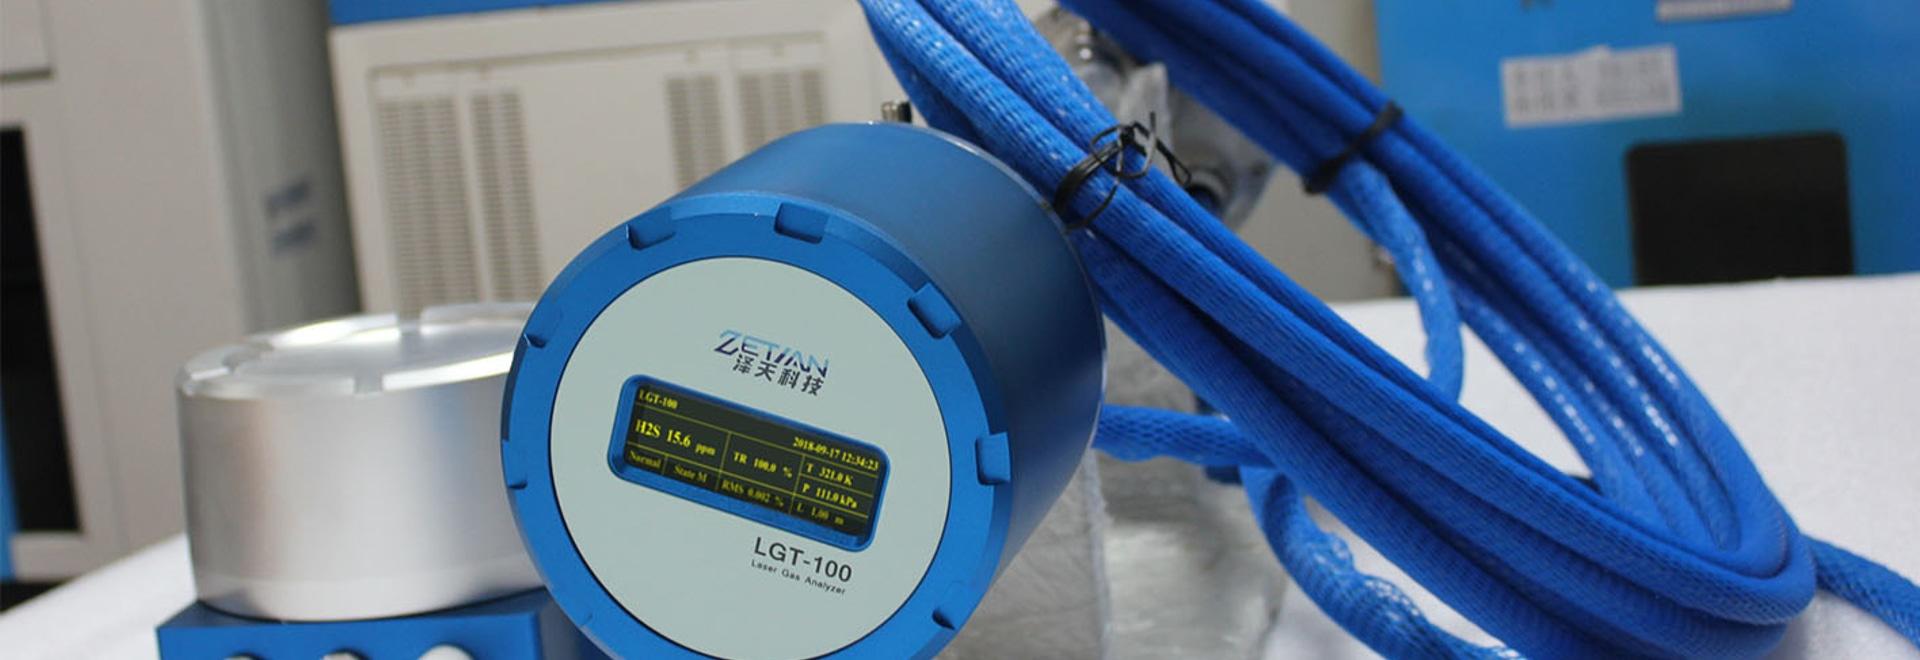 ATEX délivre un certificat pour l'analyseur laser de gaz LGT-1000